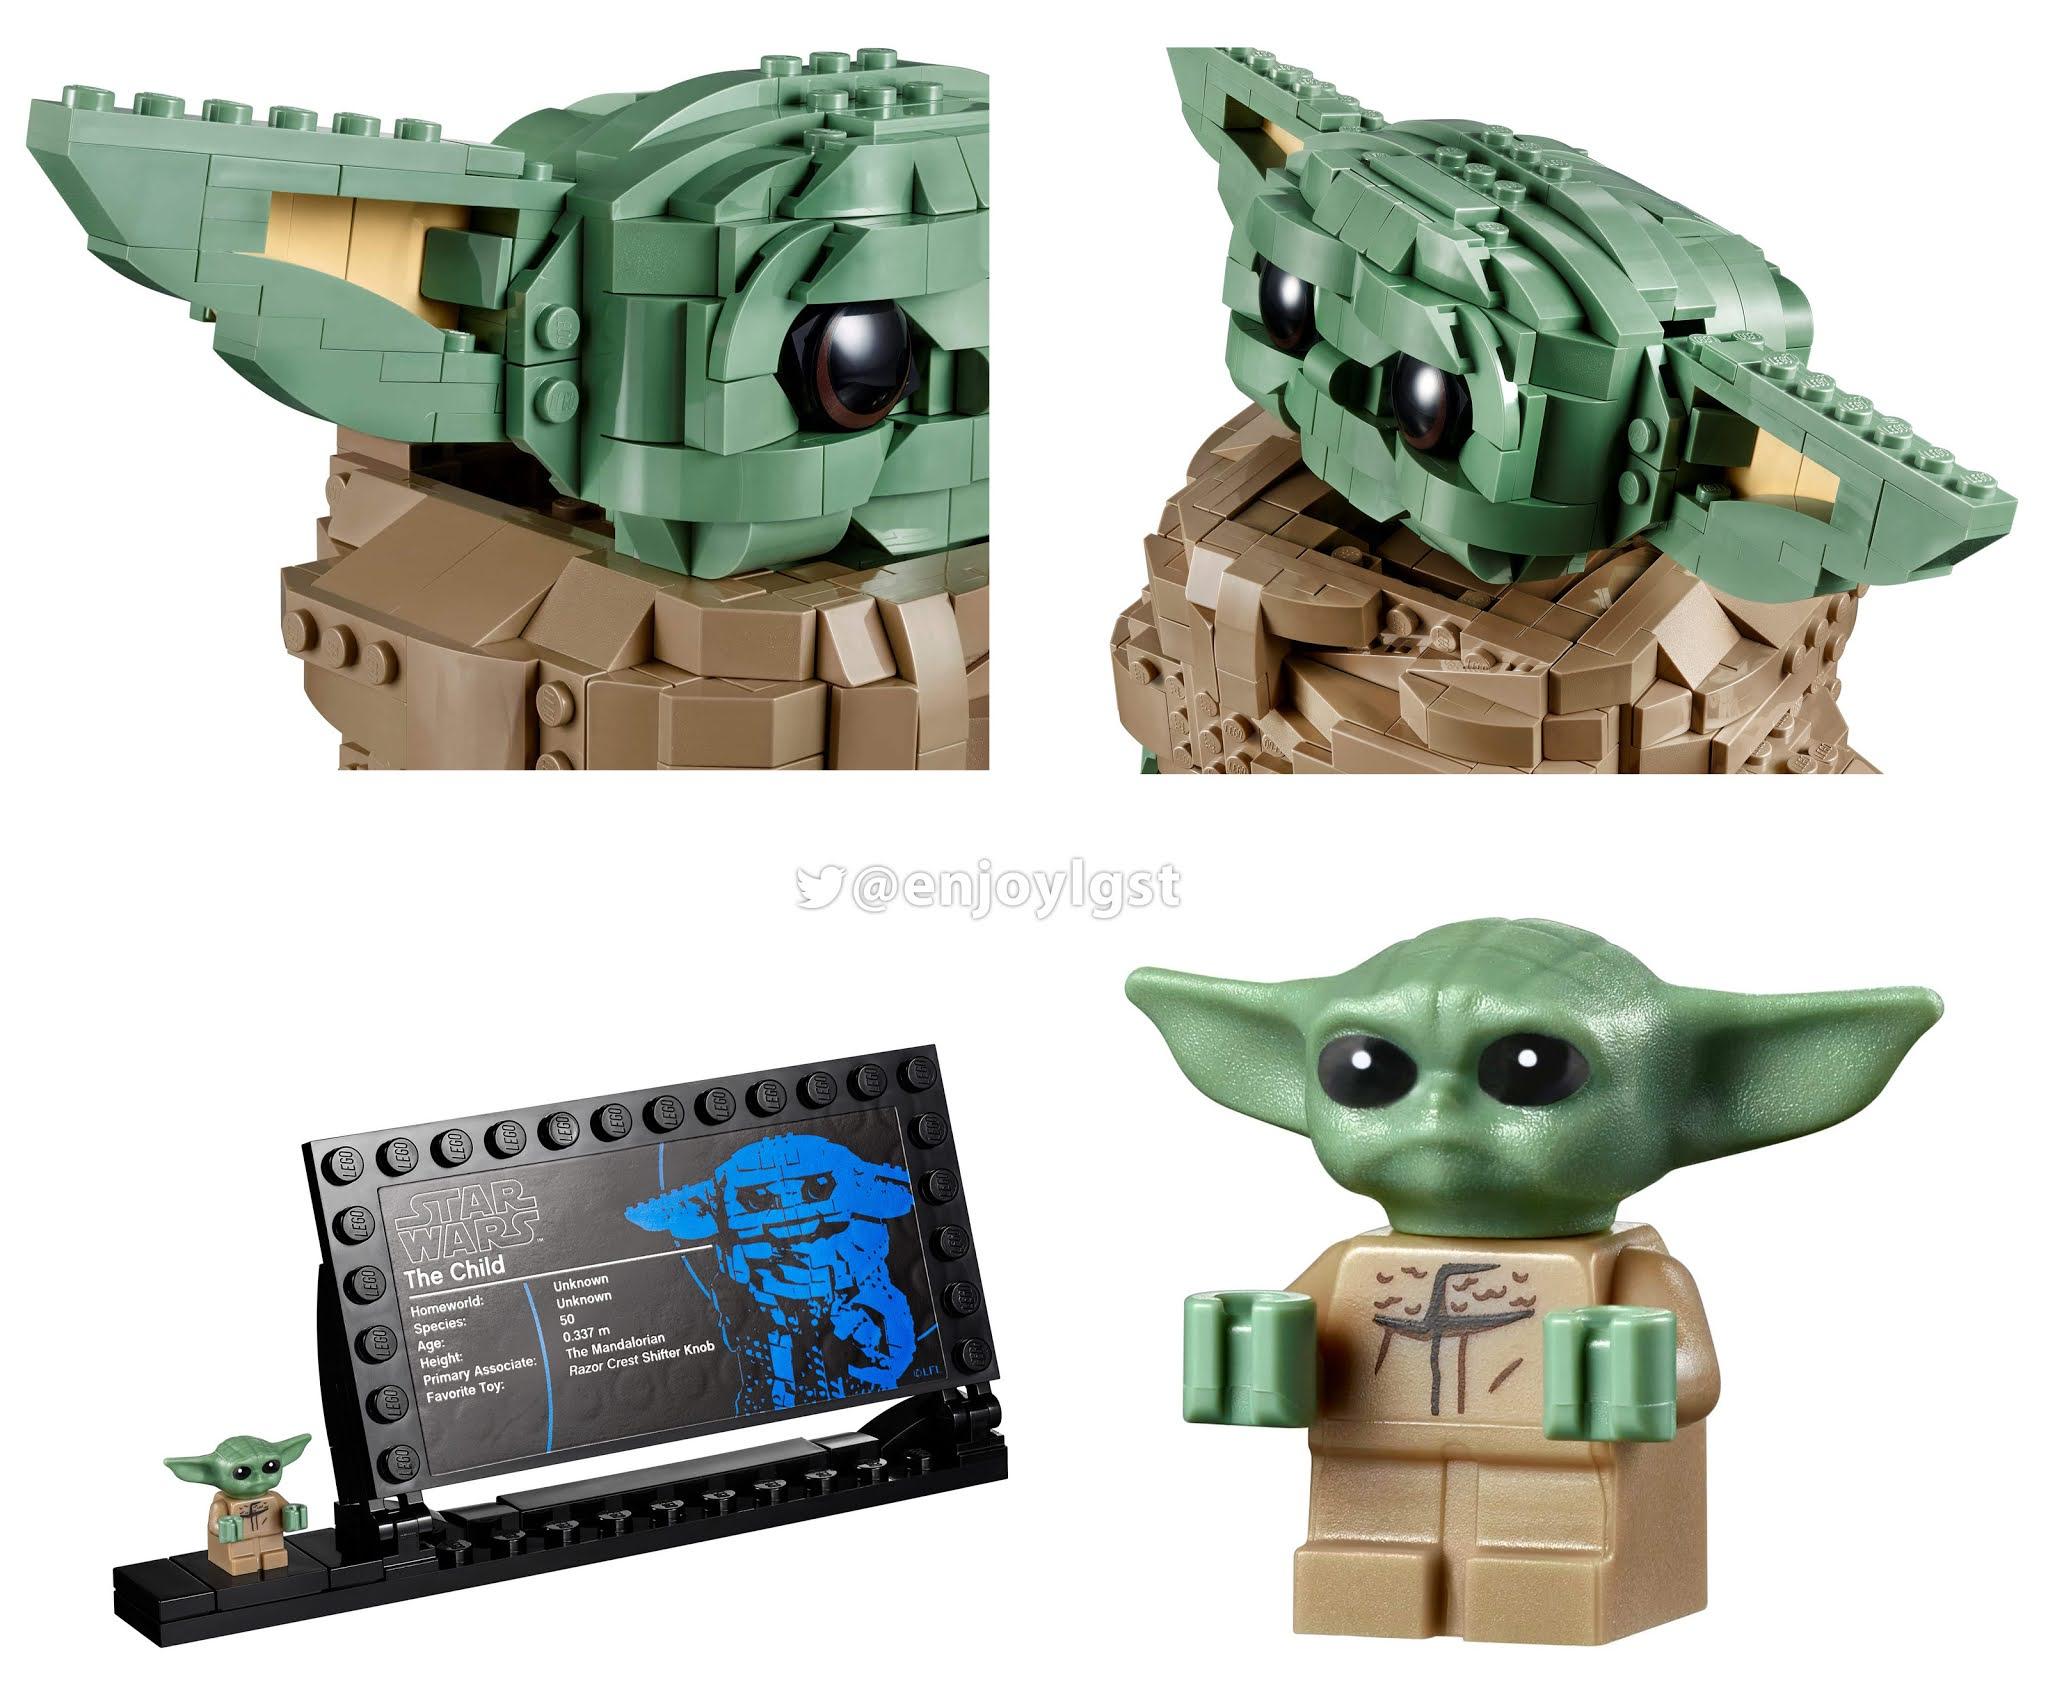 75318 ザ・チャイルド(マンダロリアン):レゴ(LEGO) スター・ウォーズ:製品・価格情報